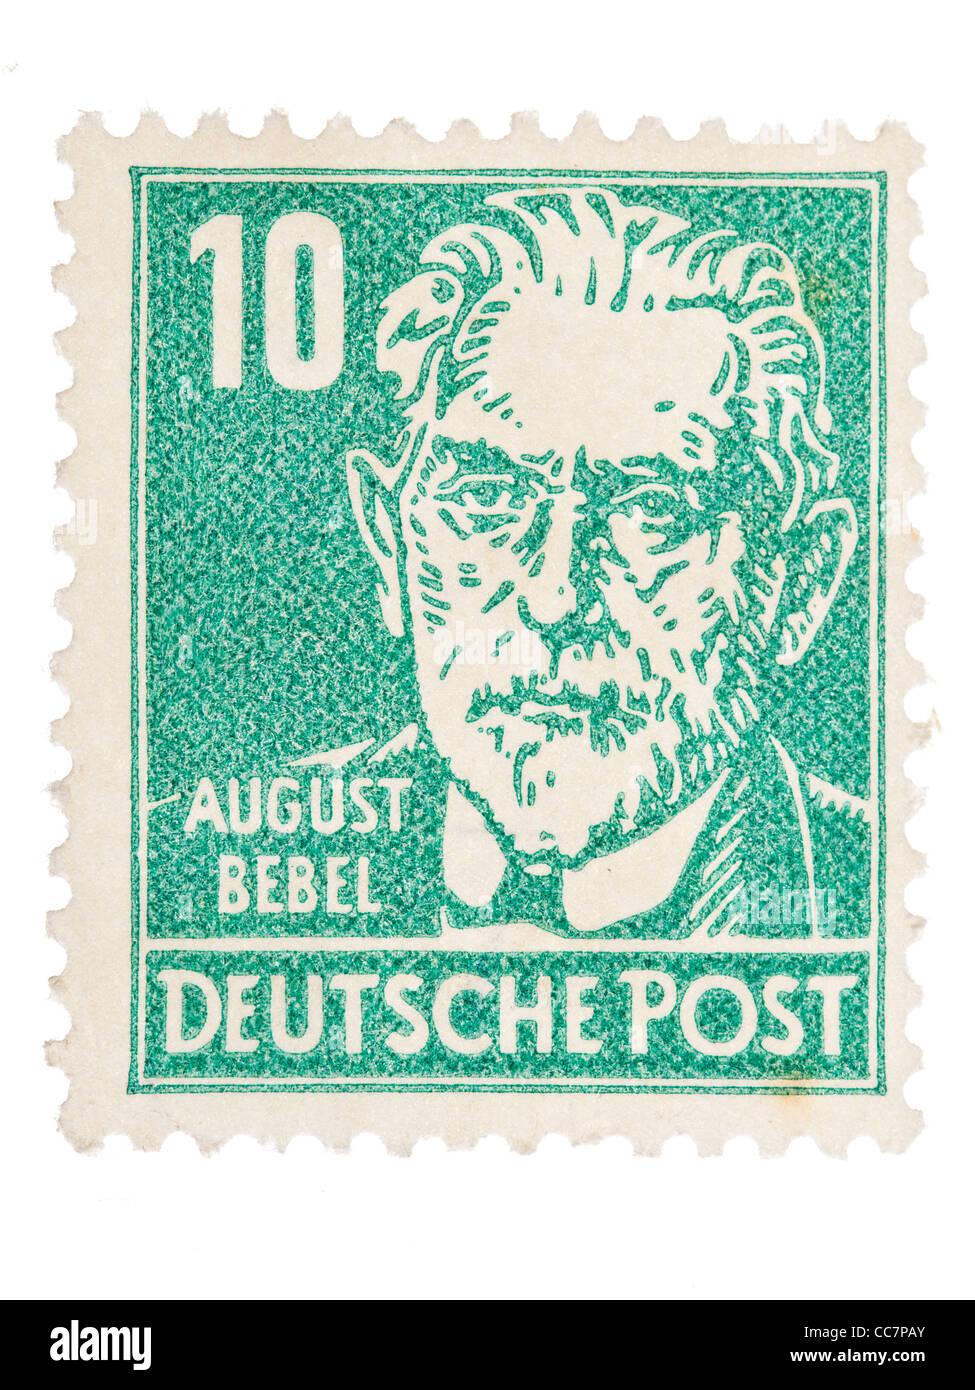 Postage stamp: Deutsche Post, DDR, 1952, August Bebel, 10 Pfennig, mint condition - Stock Image